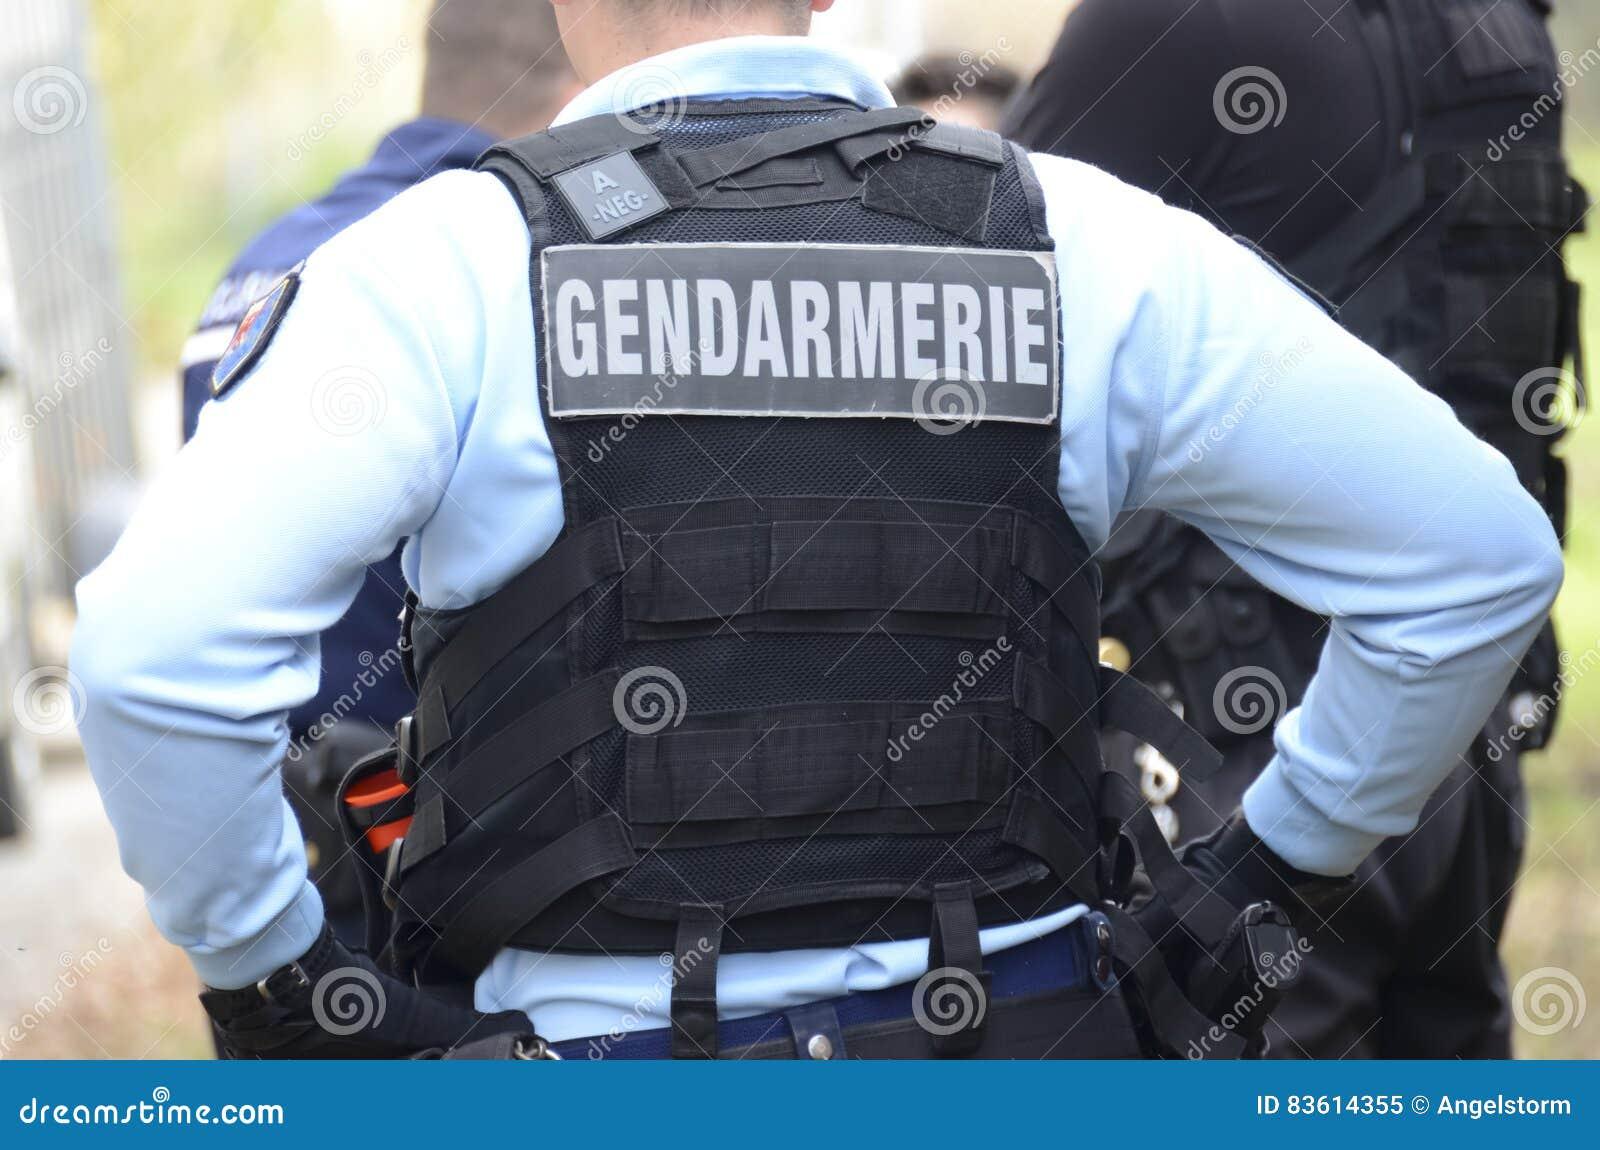 site de rencontre gendarme sites de rencontre africaine gratuit